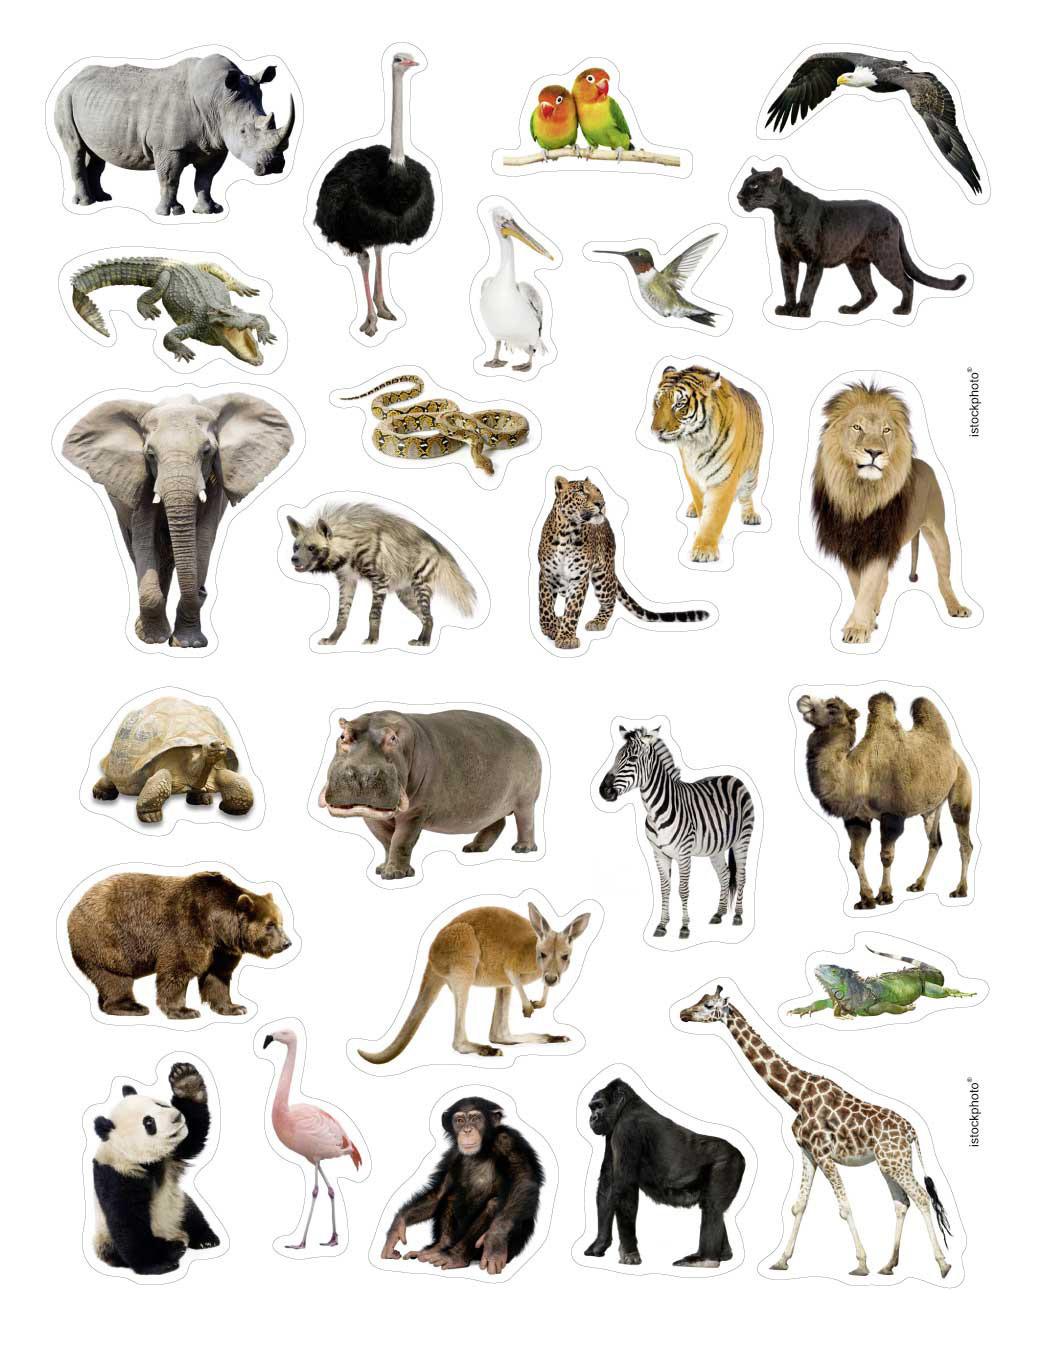 Dessins en couleurs imprimer animaux carnivores - Dessin de tous les animaux ...